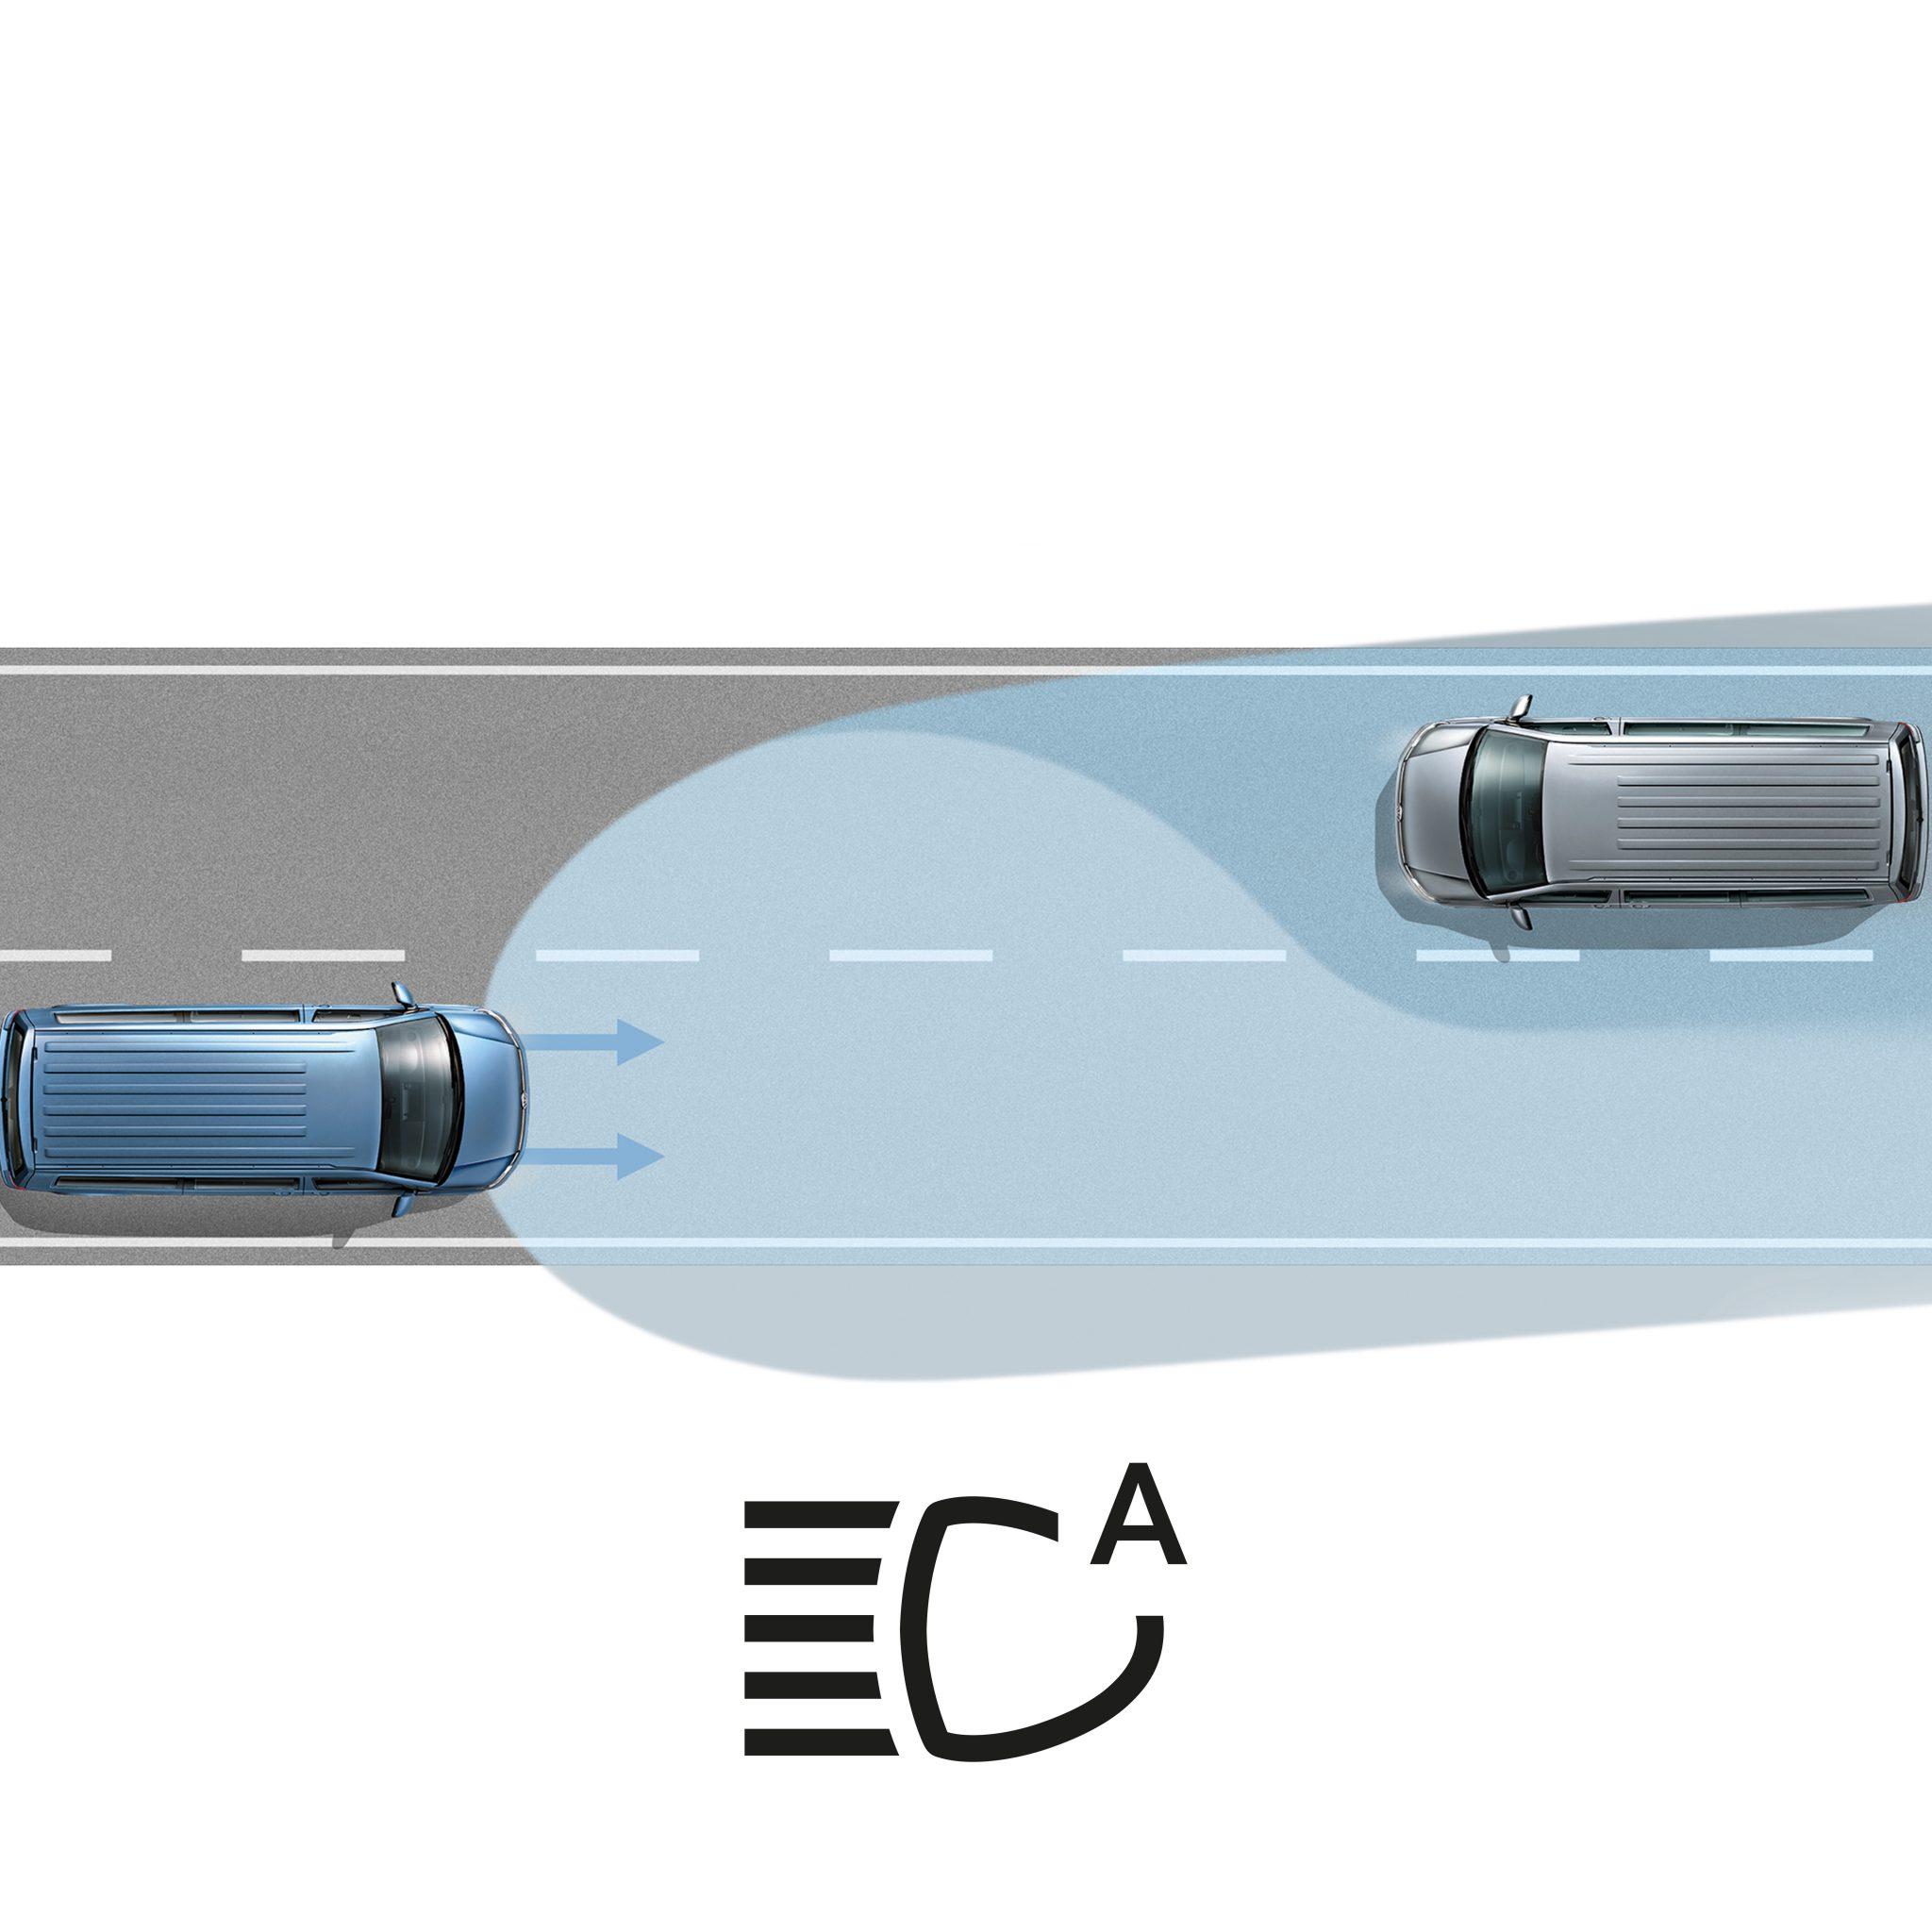 Ассистент автоматического управления дальним светом фар Light Assist Фольксваген Транспортер